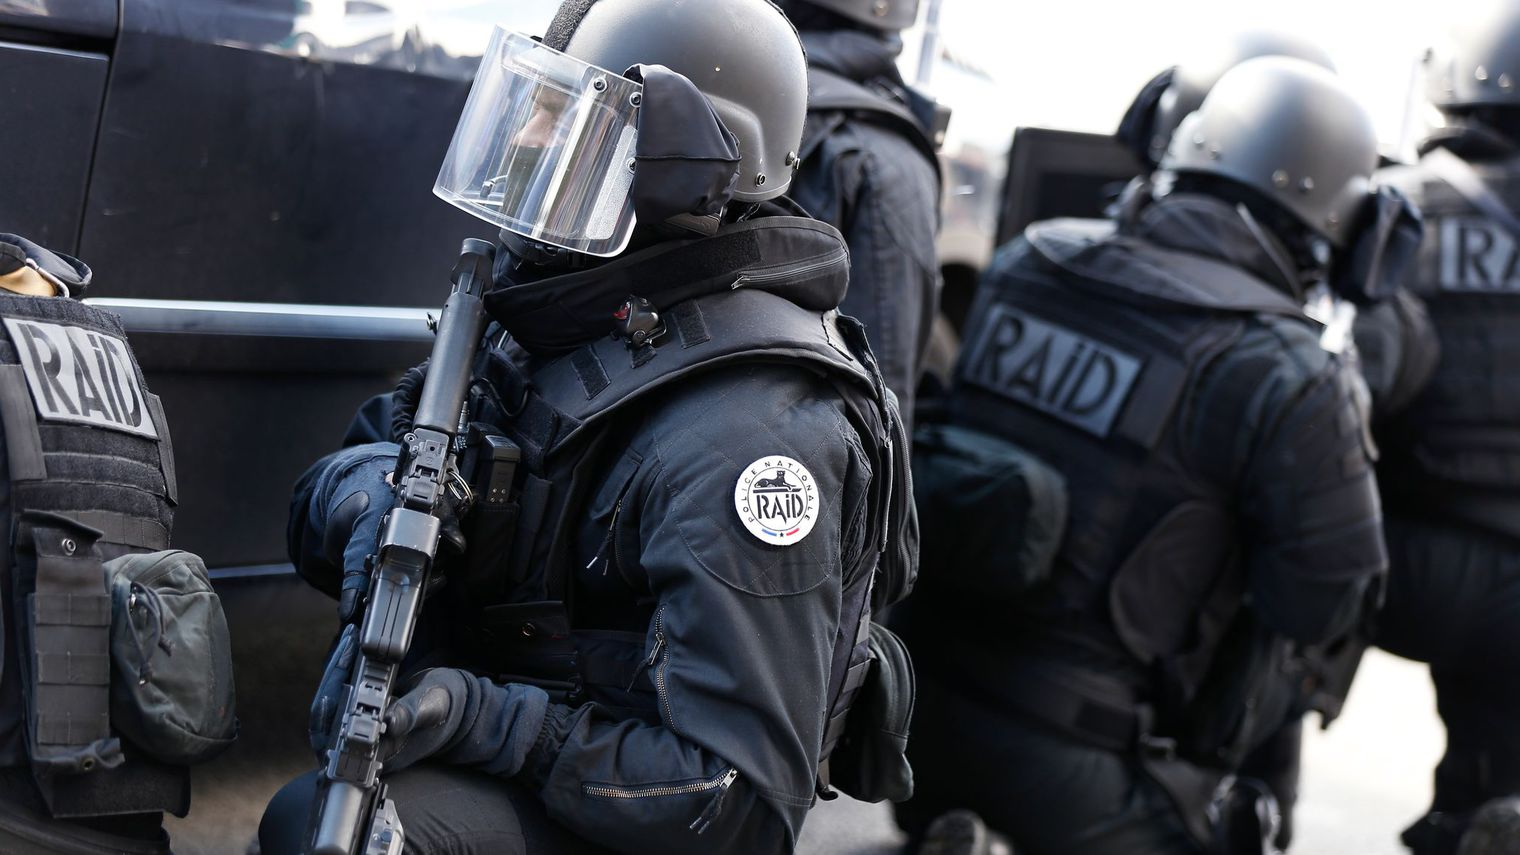 Coups de feu devant un supermarché parisien, l'auteur retranché chez lui